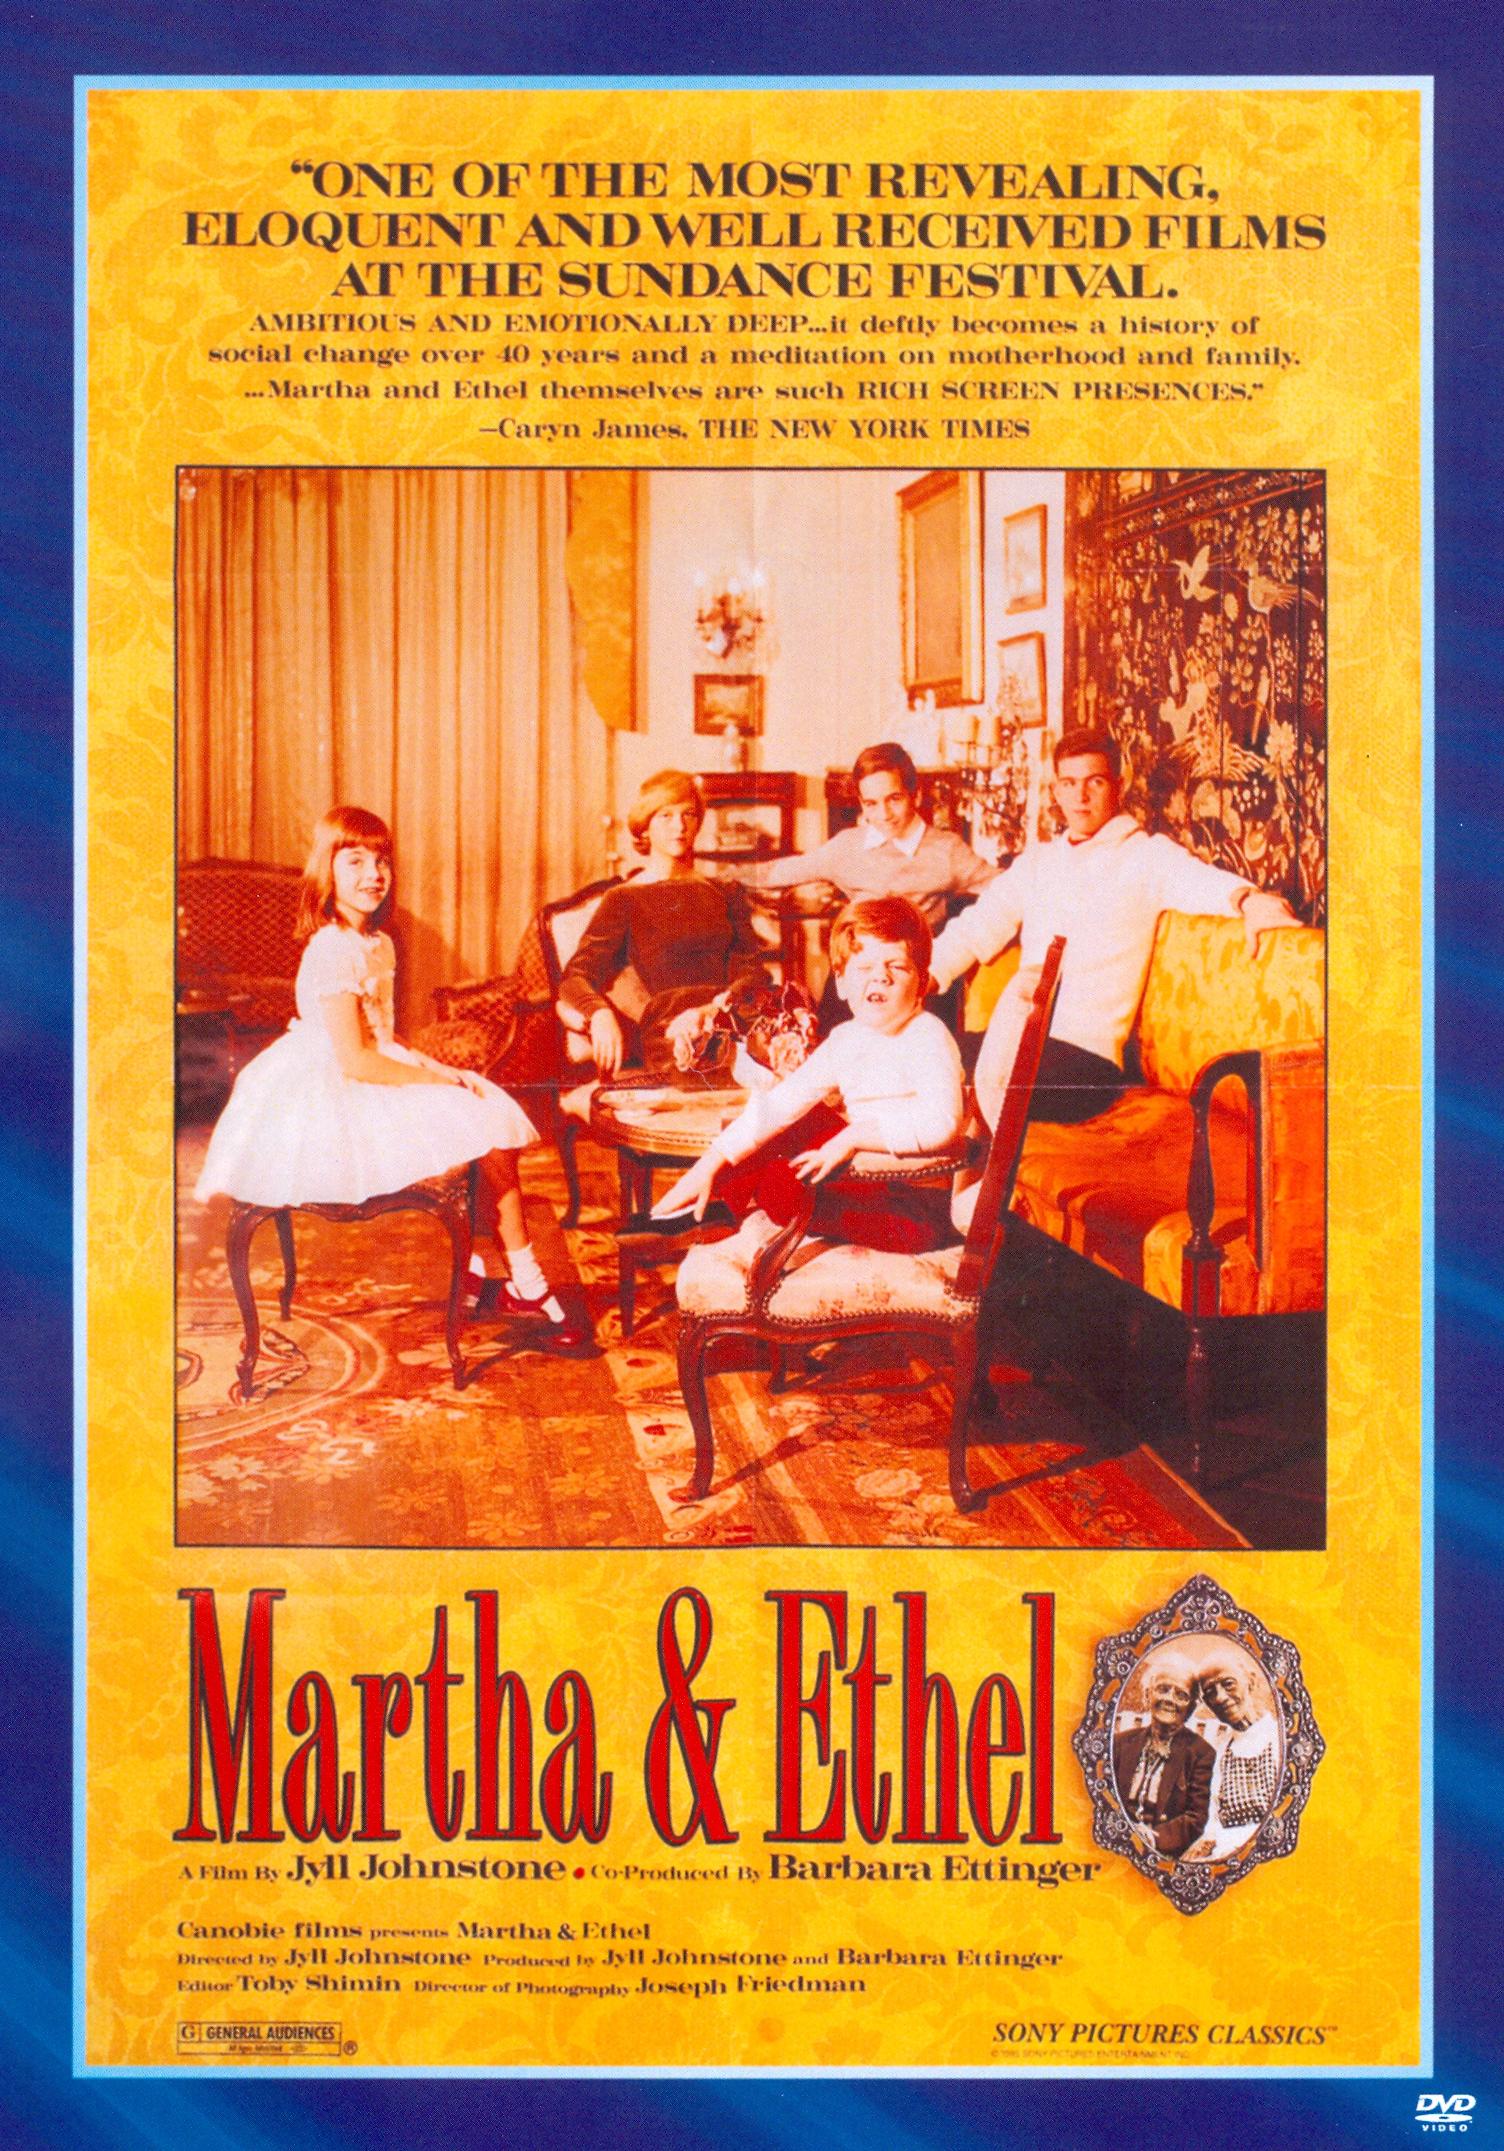 Martha & Ethel (1994)